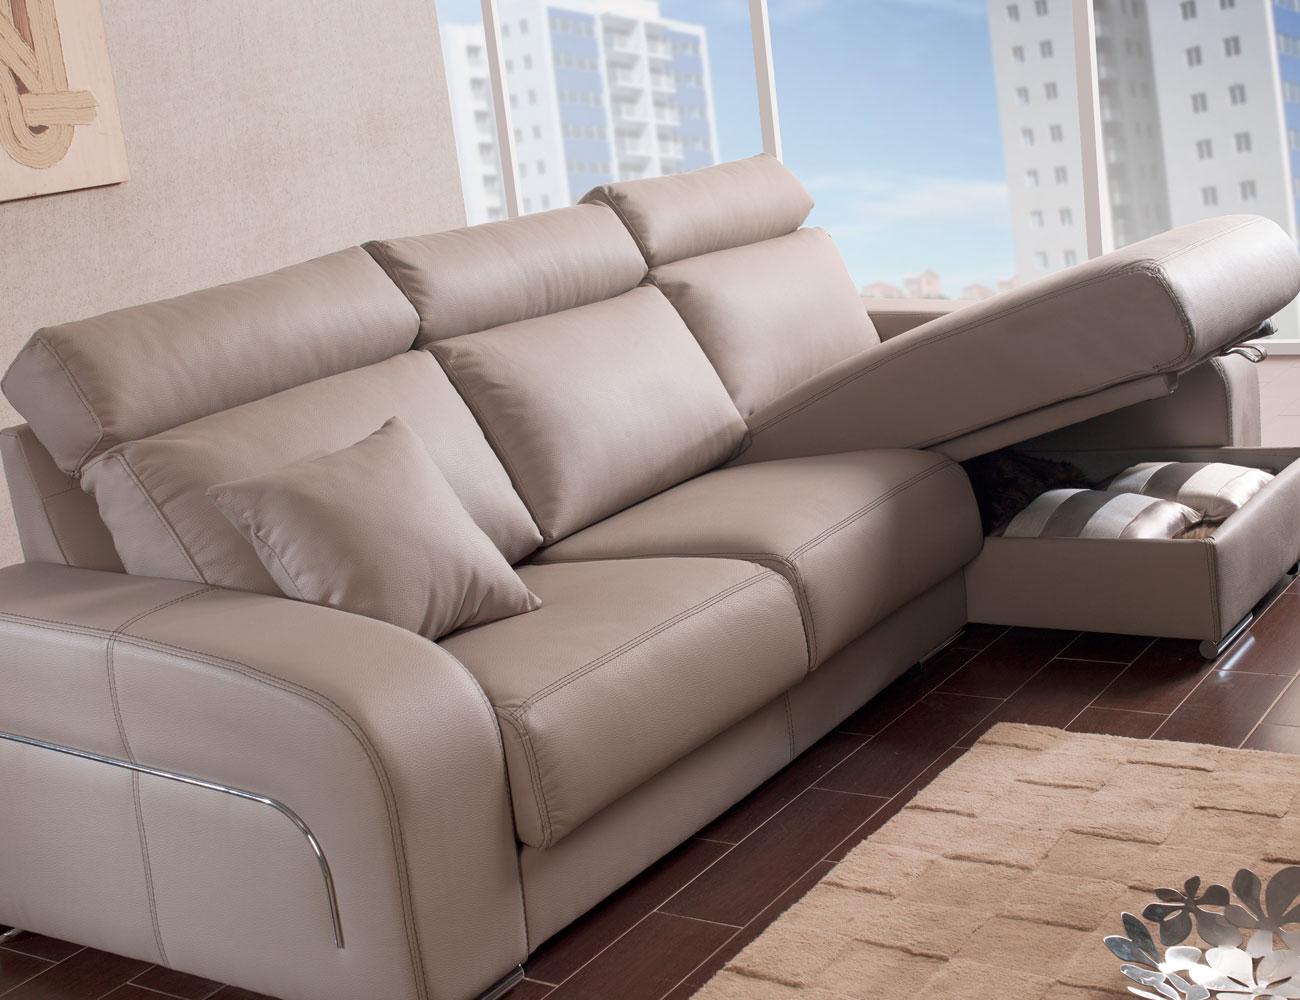 Sofa chaiselongue moderno pared cero arcon64